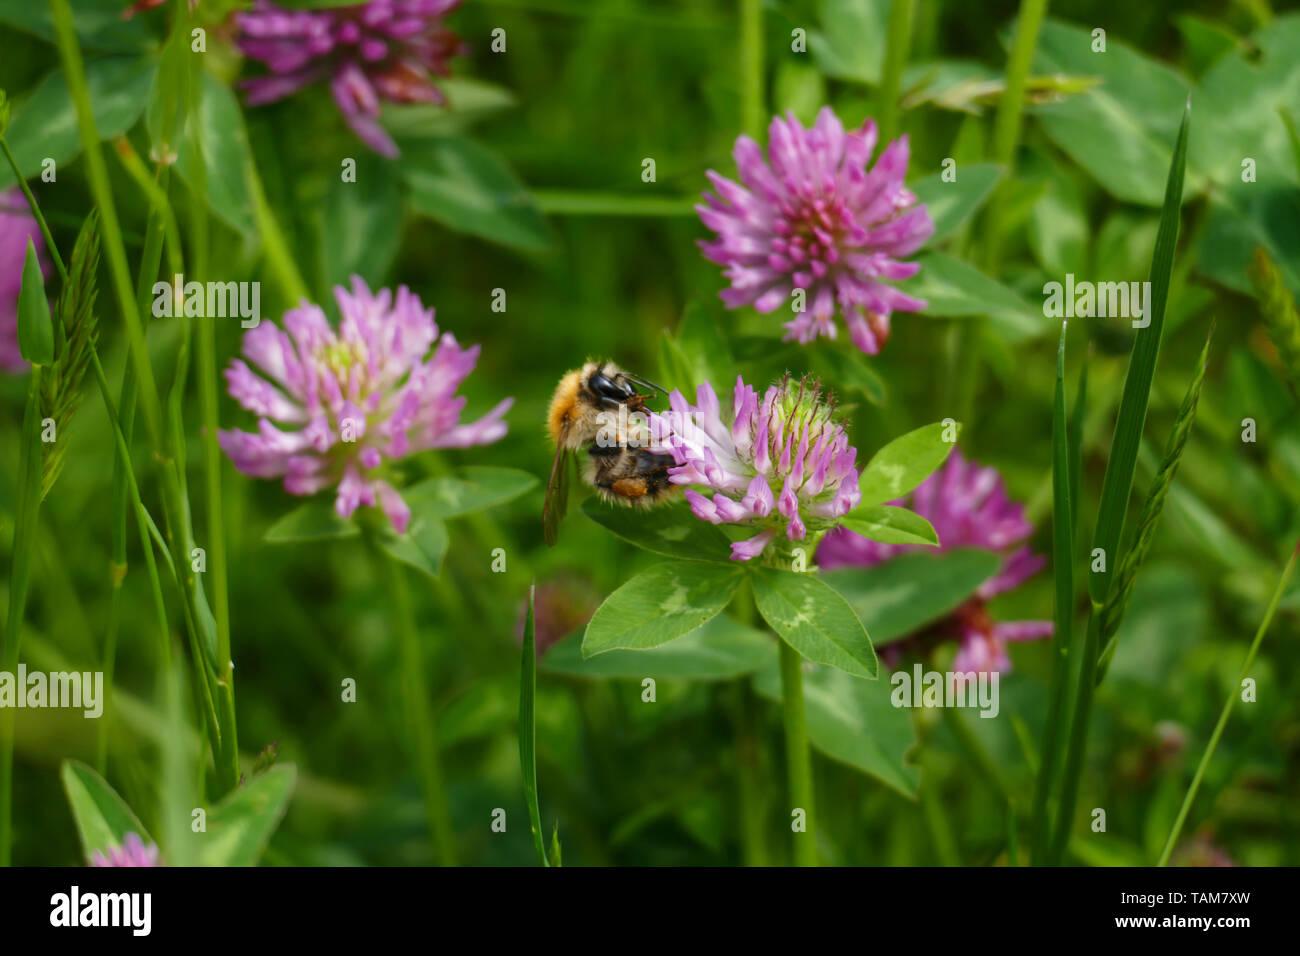 Hummel fliegt auf eine lila, violett farbener Wiesen Klee Blüte, auf einer Wiese Stock Photo